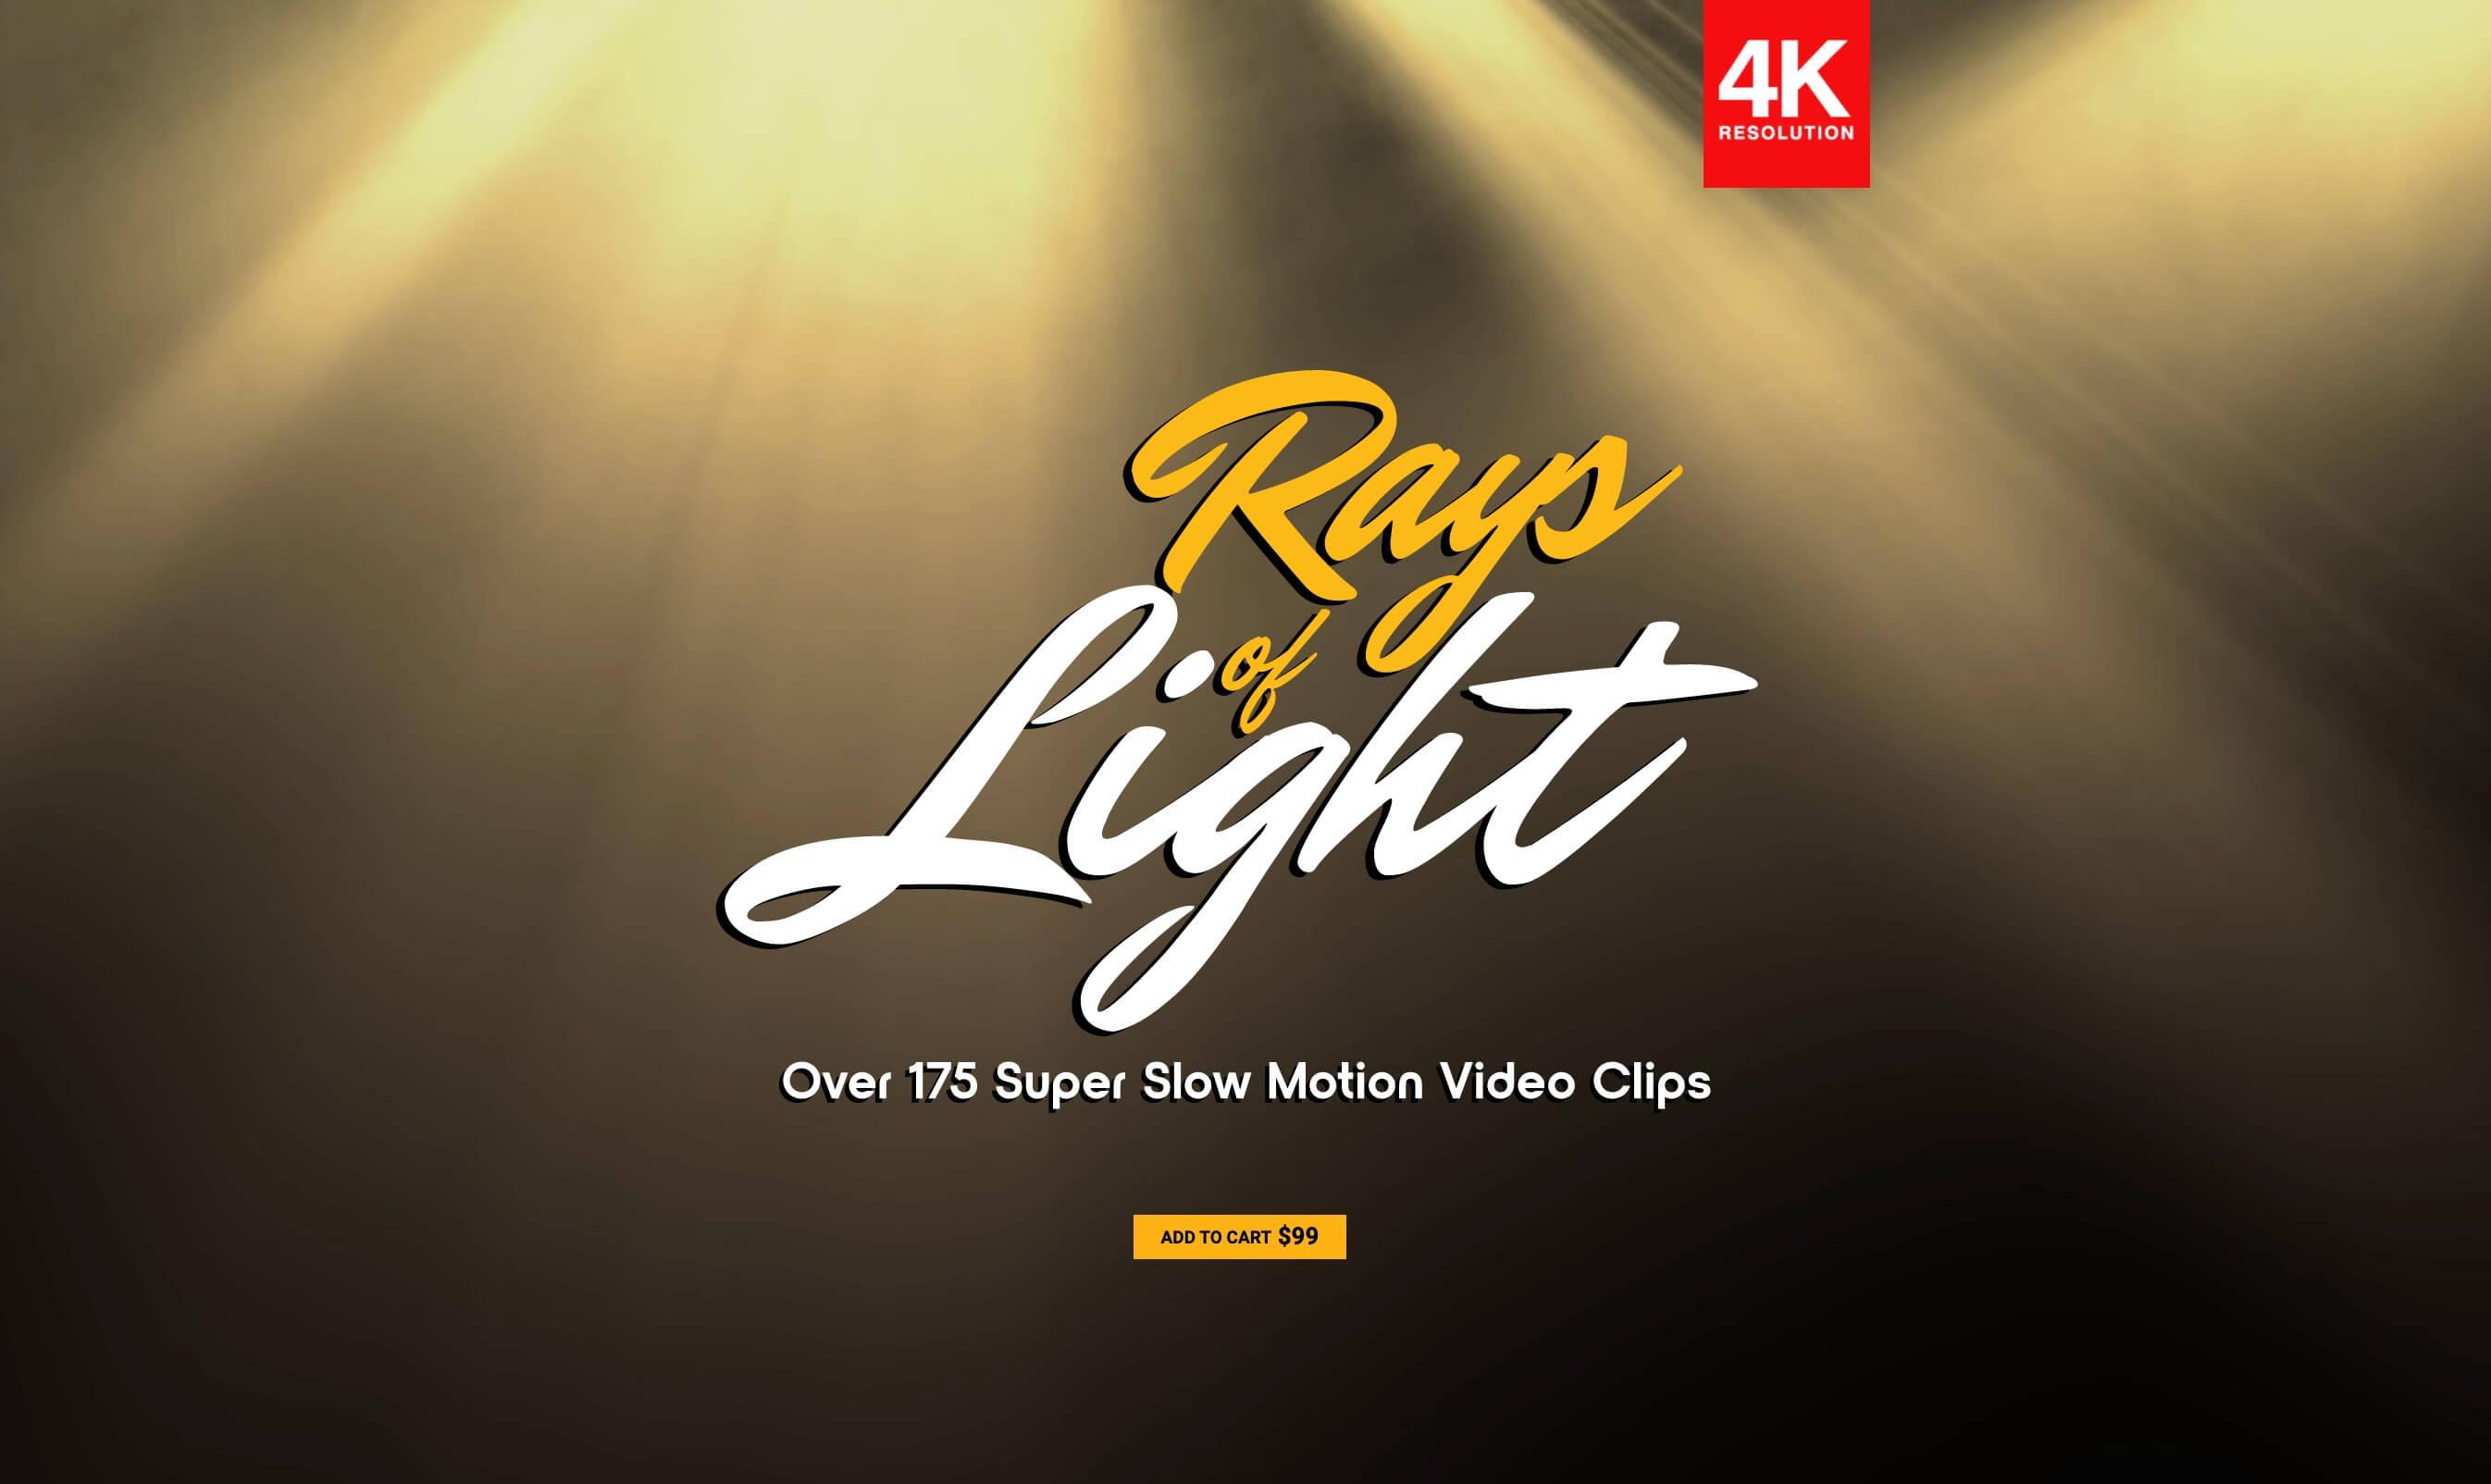 视频素材 176个4K体积光聚光灯光线照射动画 特效合成素材 Rays Of Light BBV18